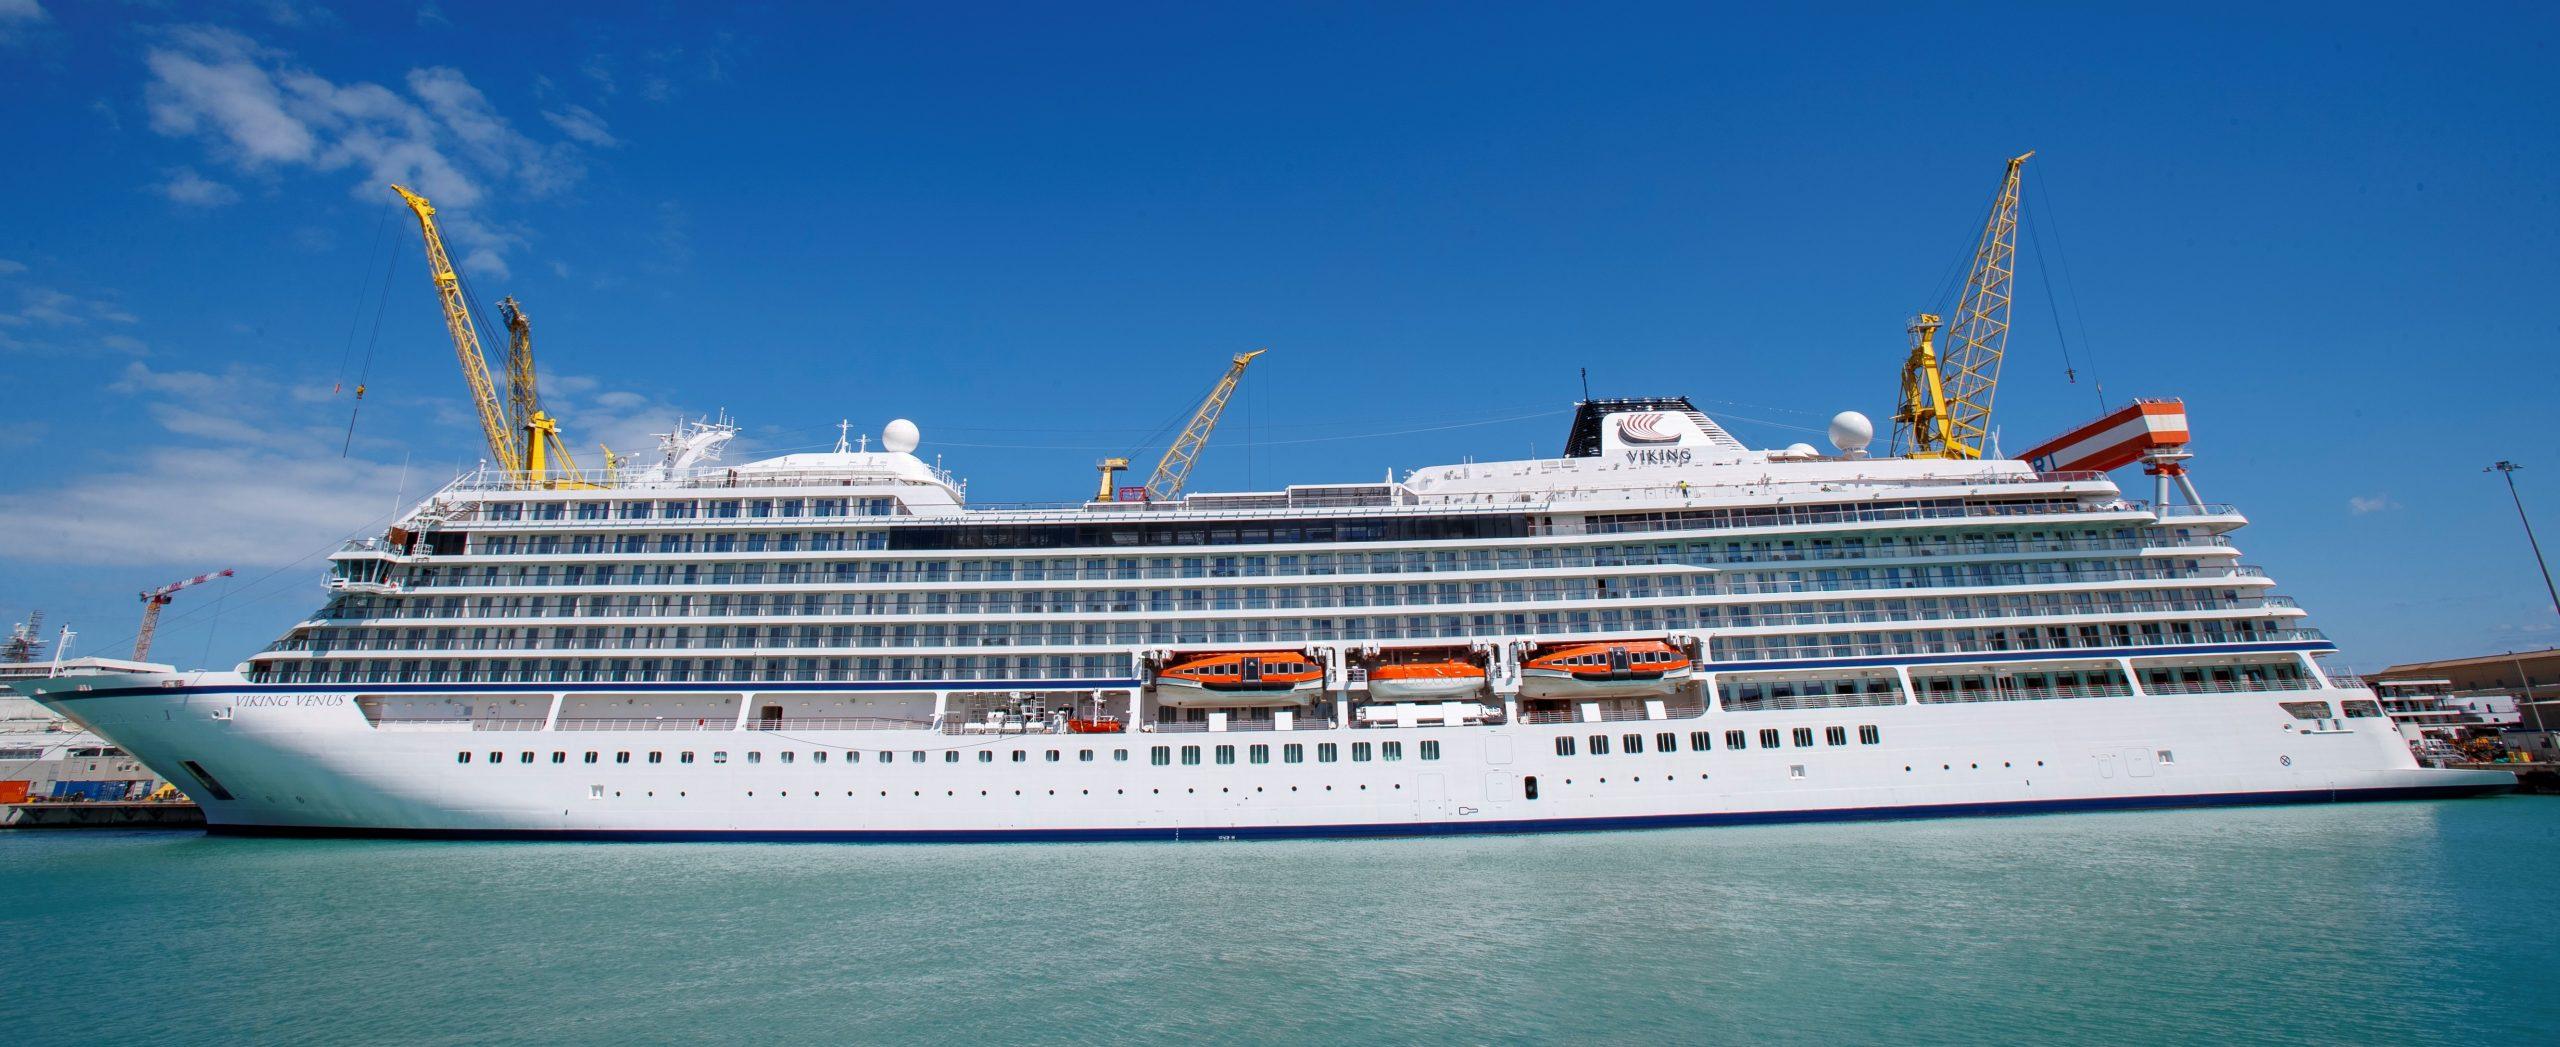 Die Viking Venus mit 47.800 Tonnen und 465 Kabinen für bis zu 930 Passagiere wurde auf der Fincantieri Werft in Ancona ausgeliefert.